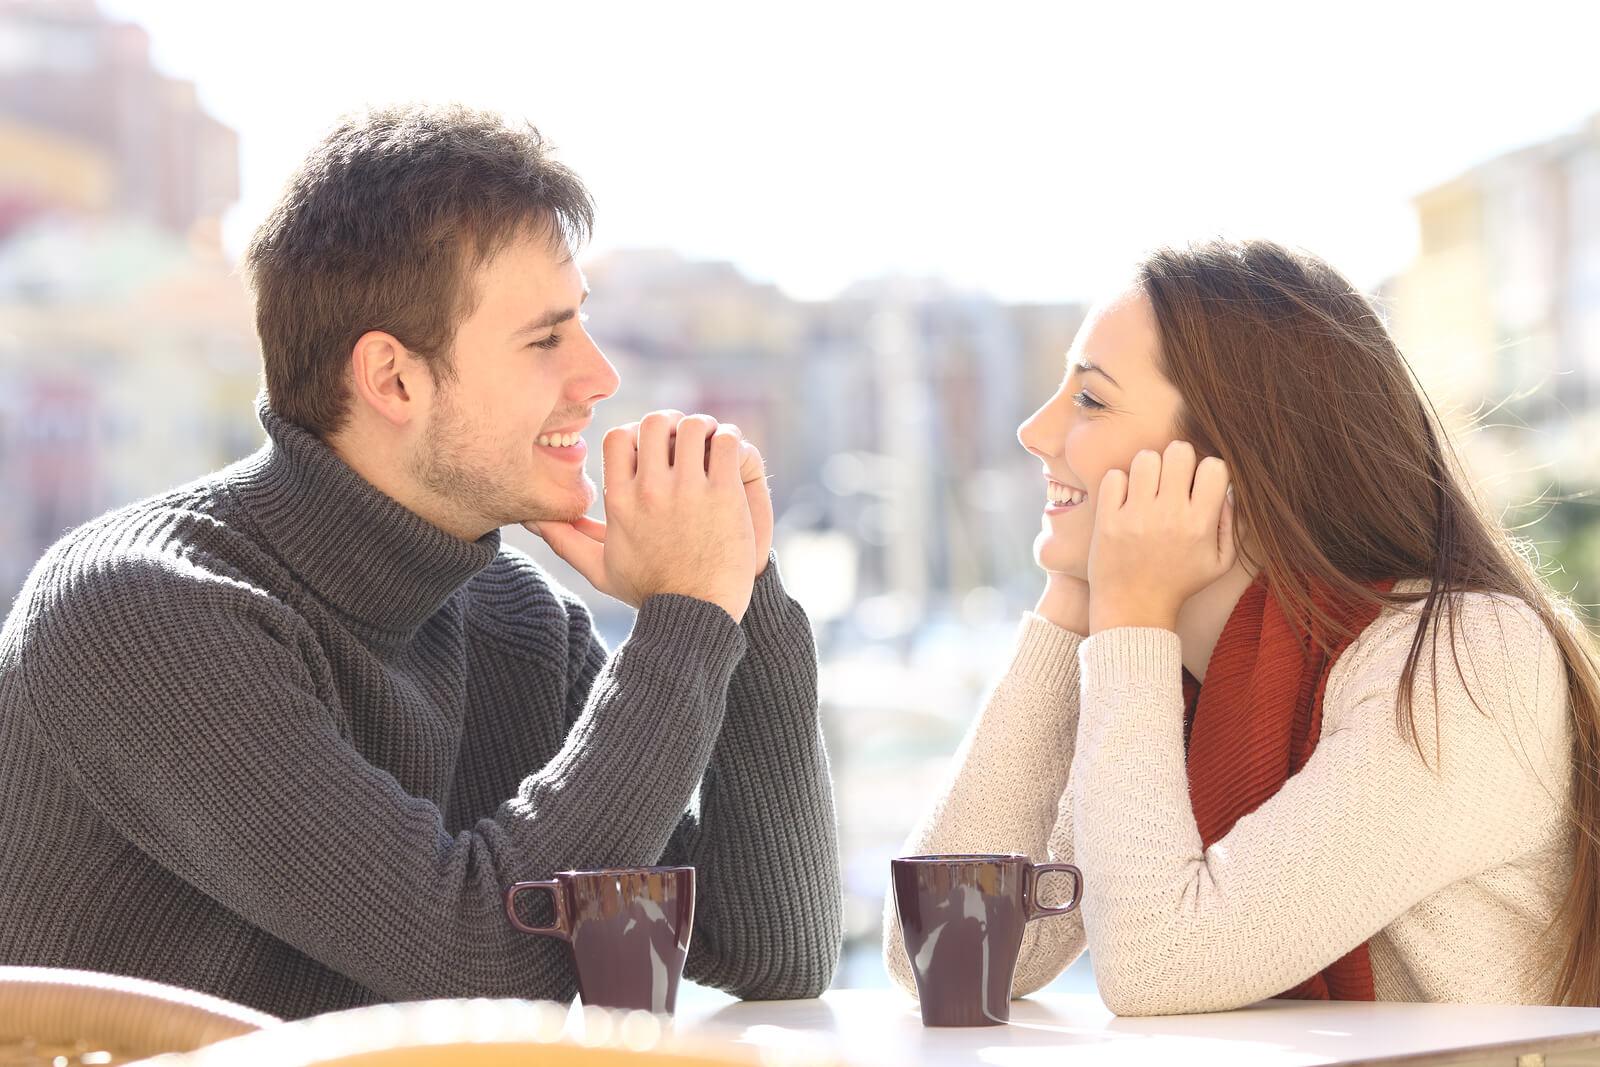 О чем поговорить с девушкой, чтобы покорить ее сердце